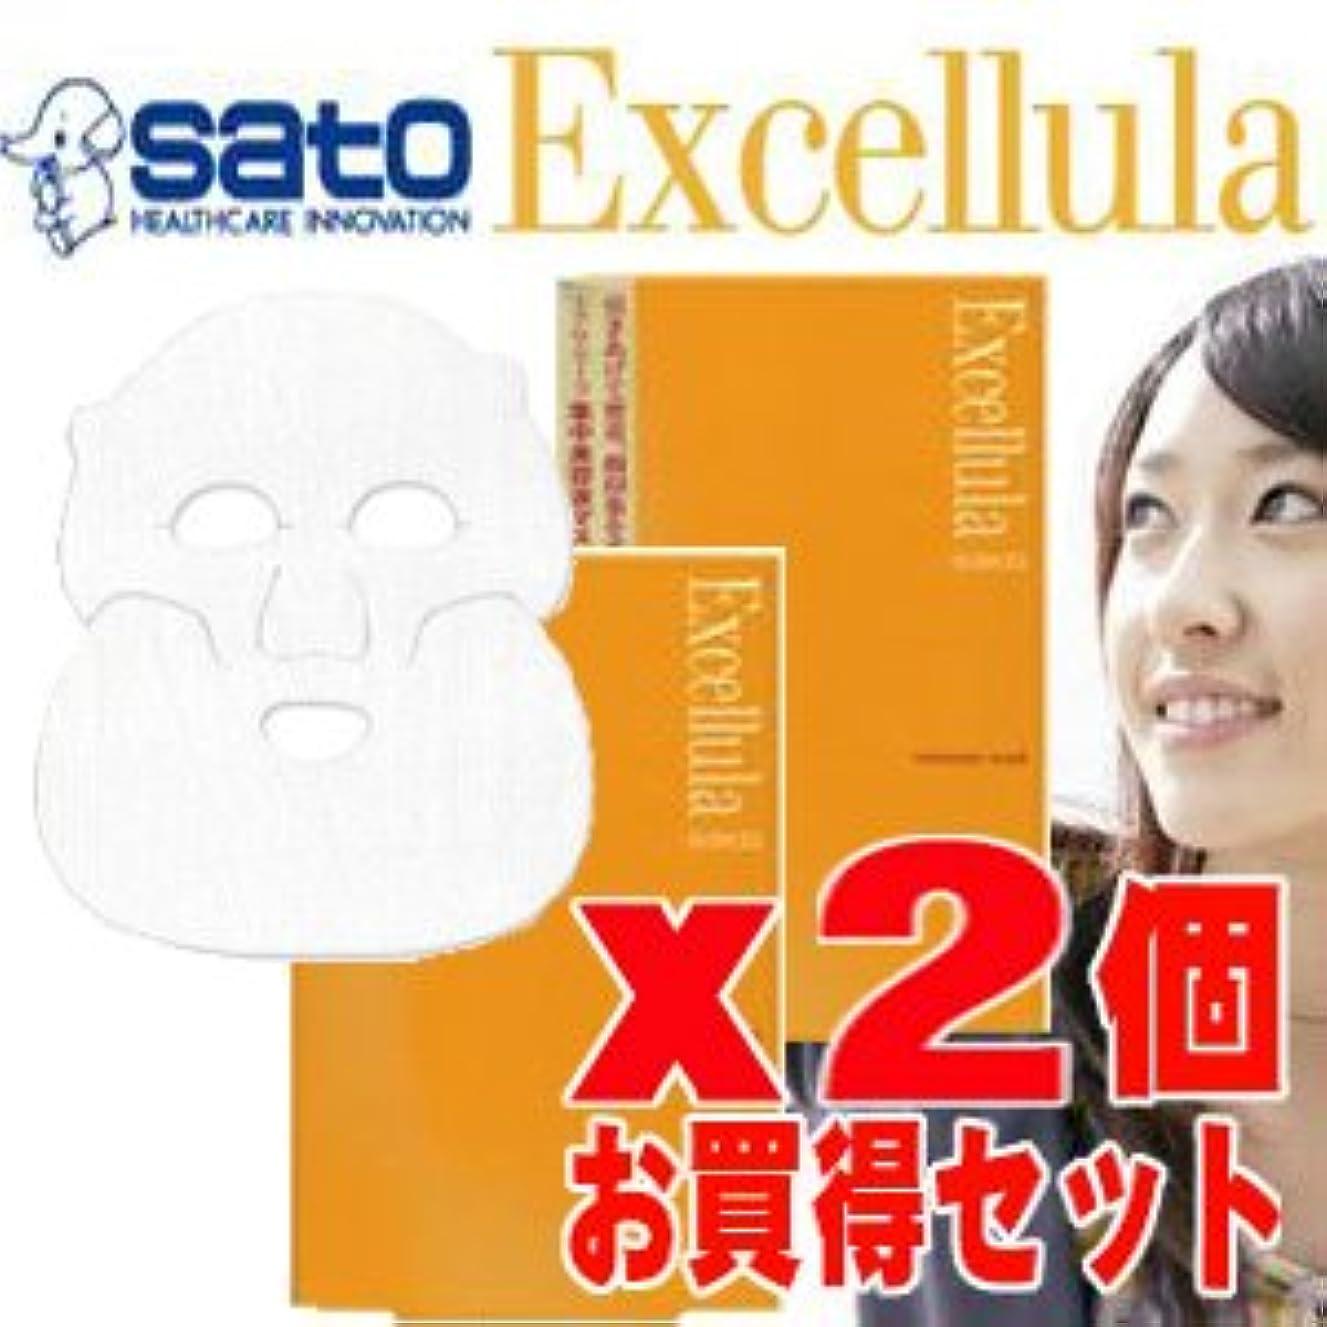 構想する不忠強化する★お買得2個★ エクセルーラ モイスチュアマスク (シート状美容液マスク) 26mL×4枚(4回分) x2個セット